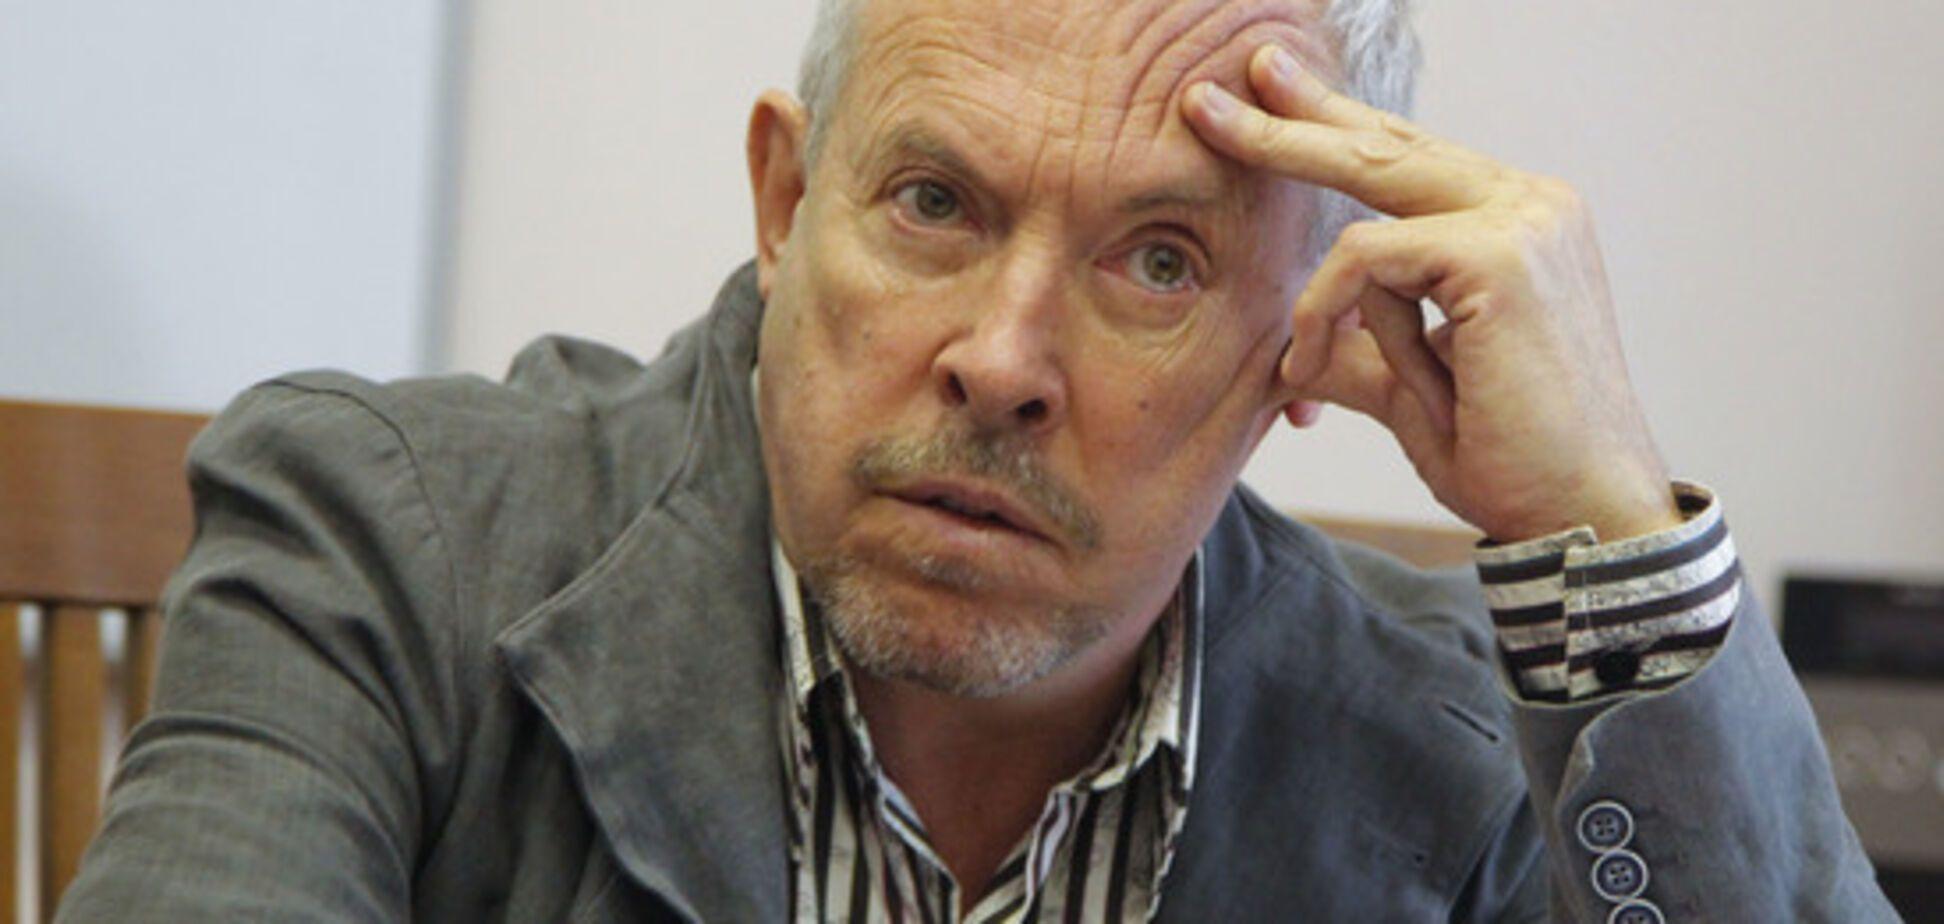 Макаревич отреагировал на список 'крымоненавистников'